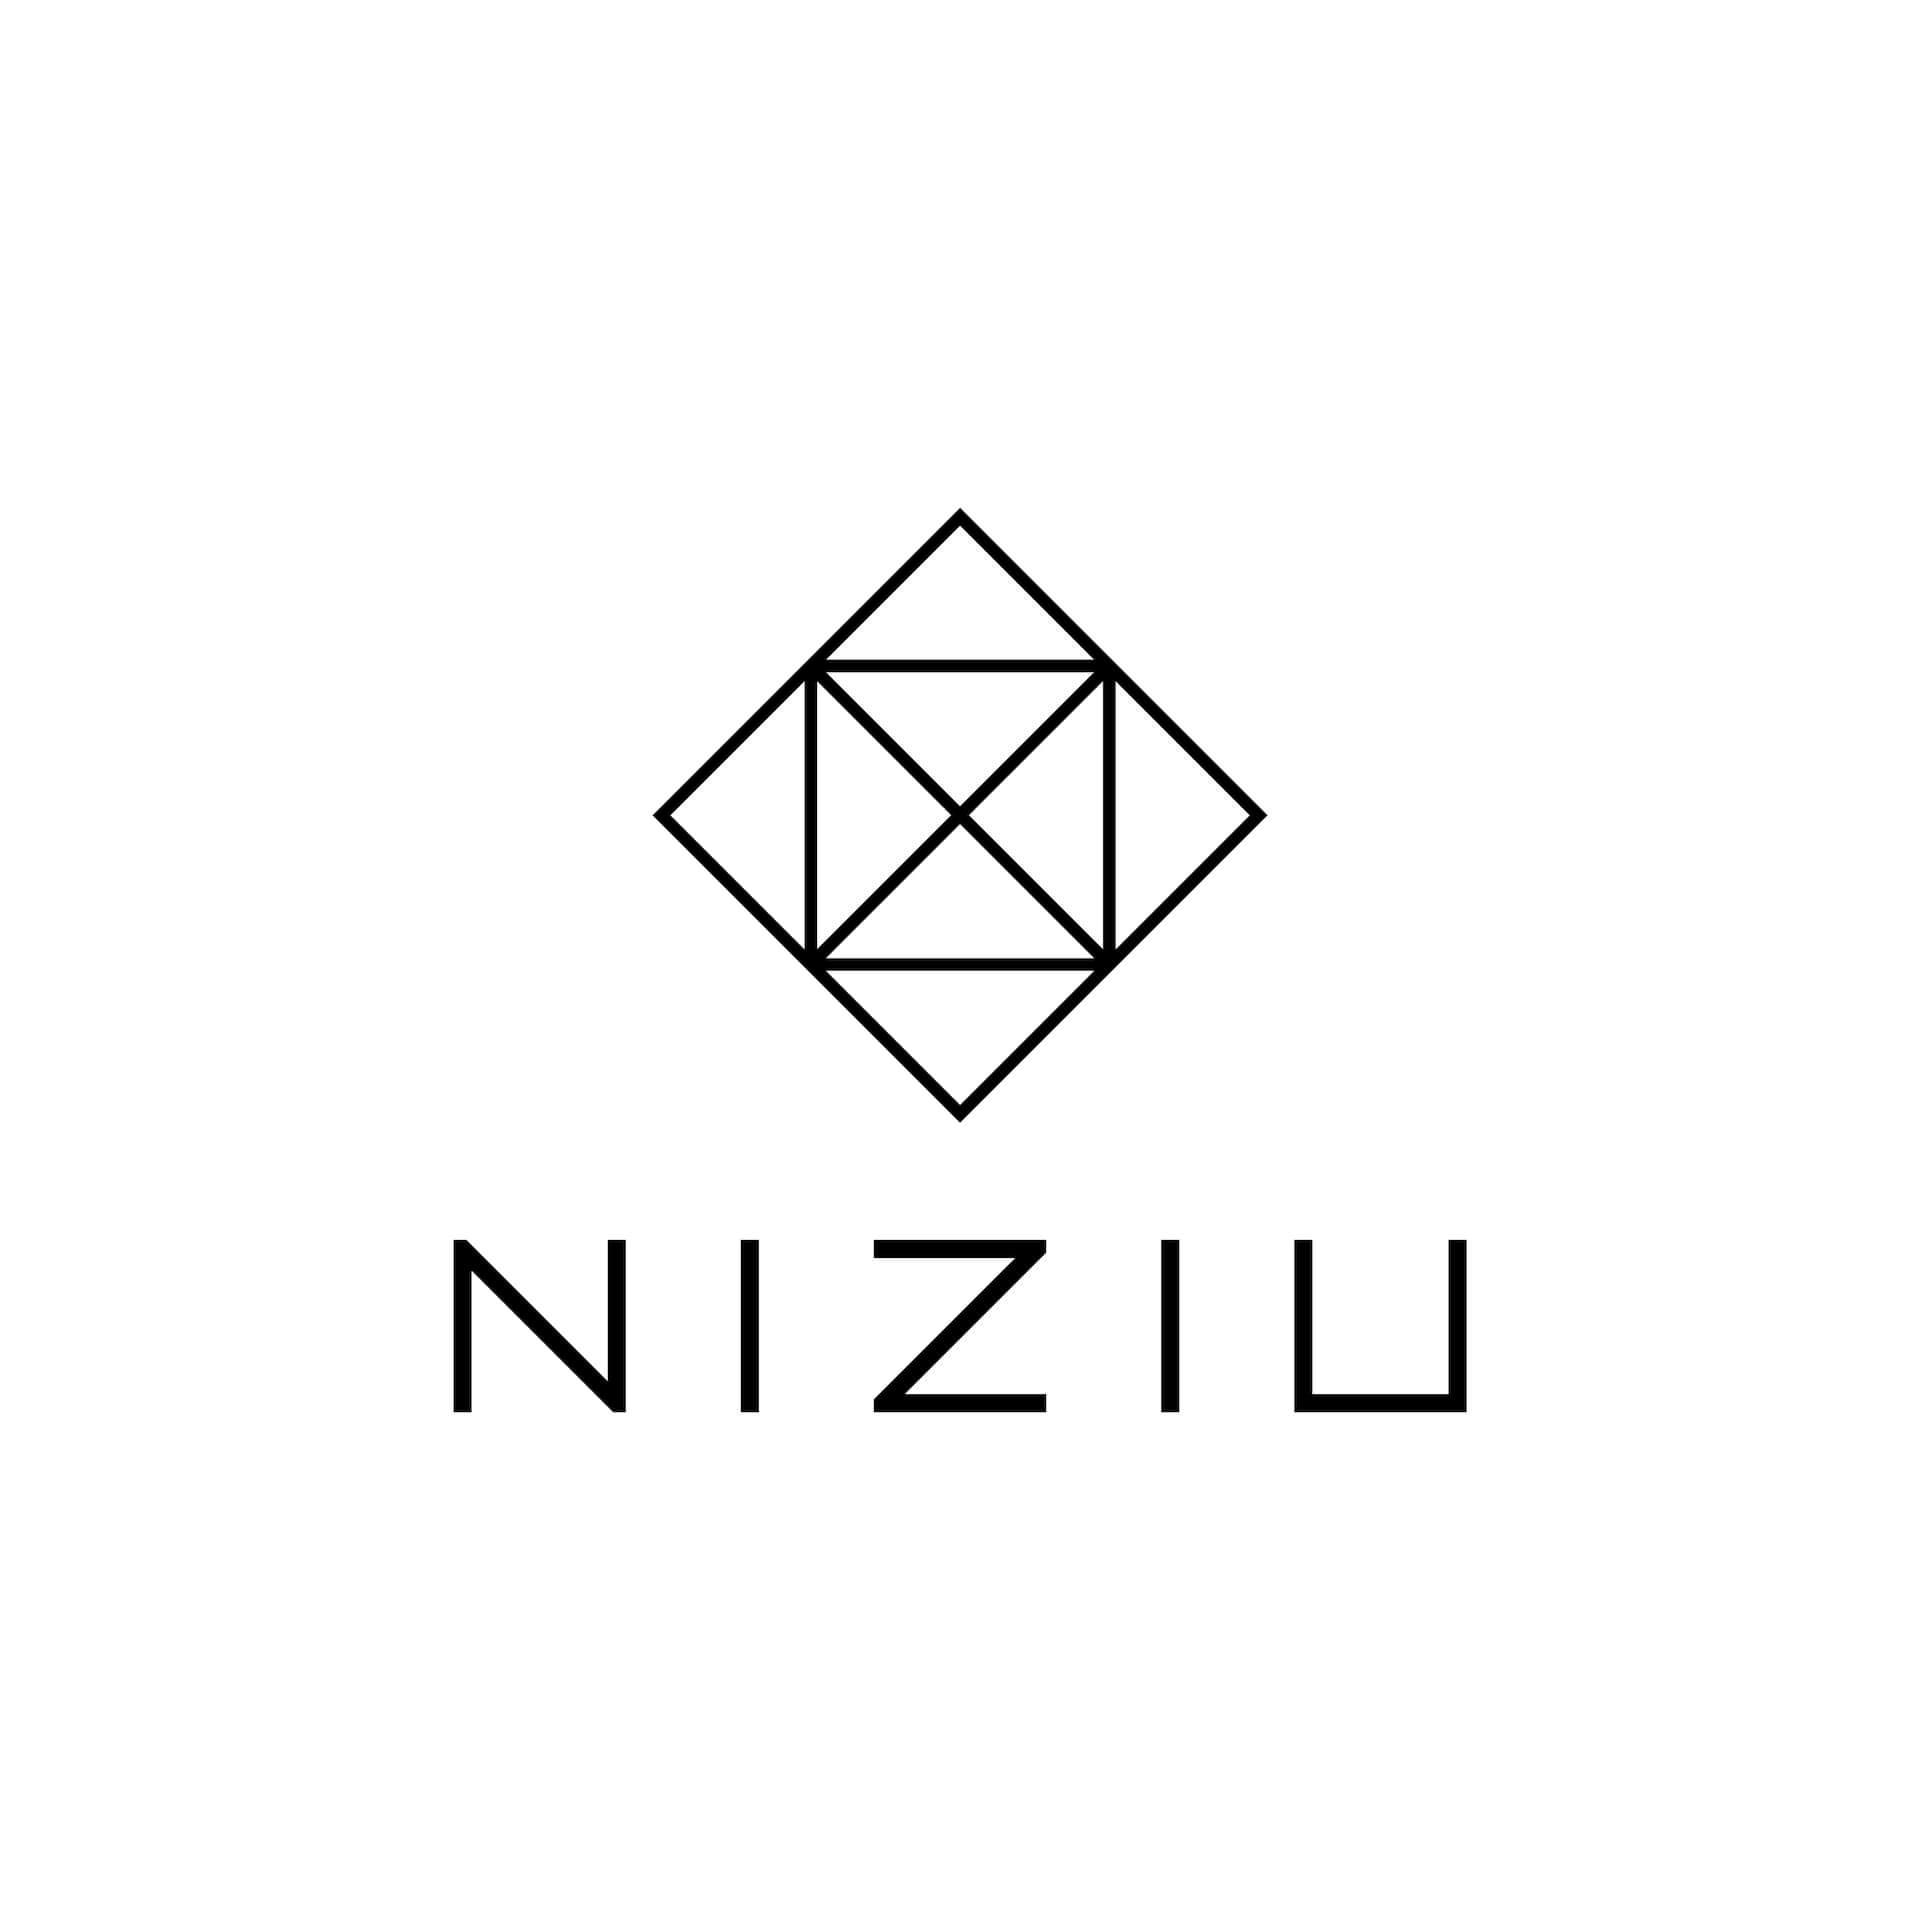 本日完結のNizi Projectから新グループNiziUが誕生!ミニアルバムで急遽プレデビュー決定 music200626_niziu_4